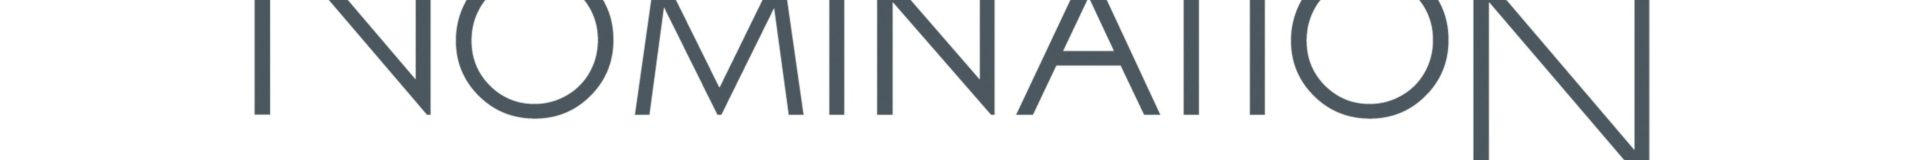 Дизайн отдела для NOMINATION